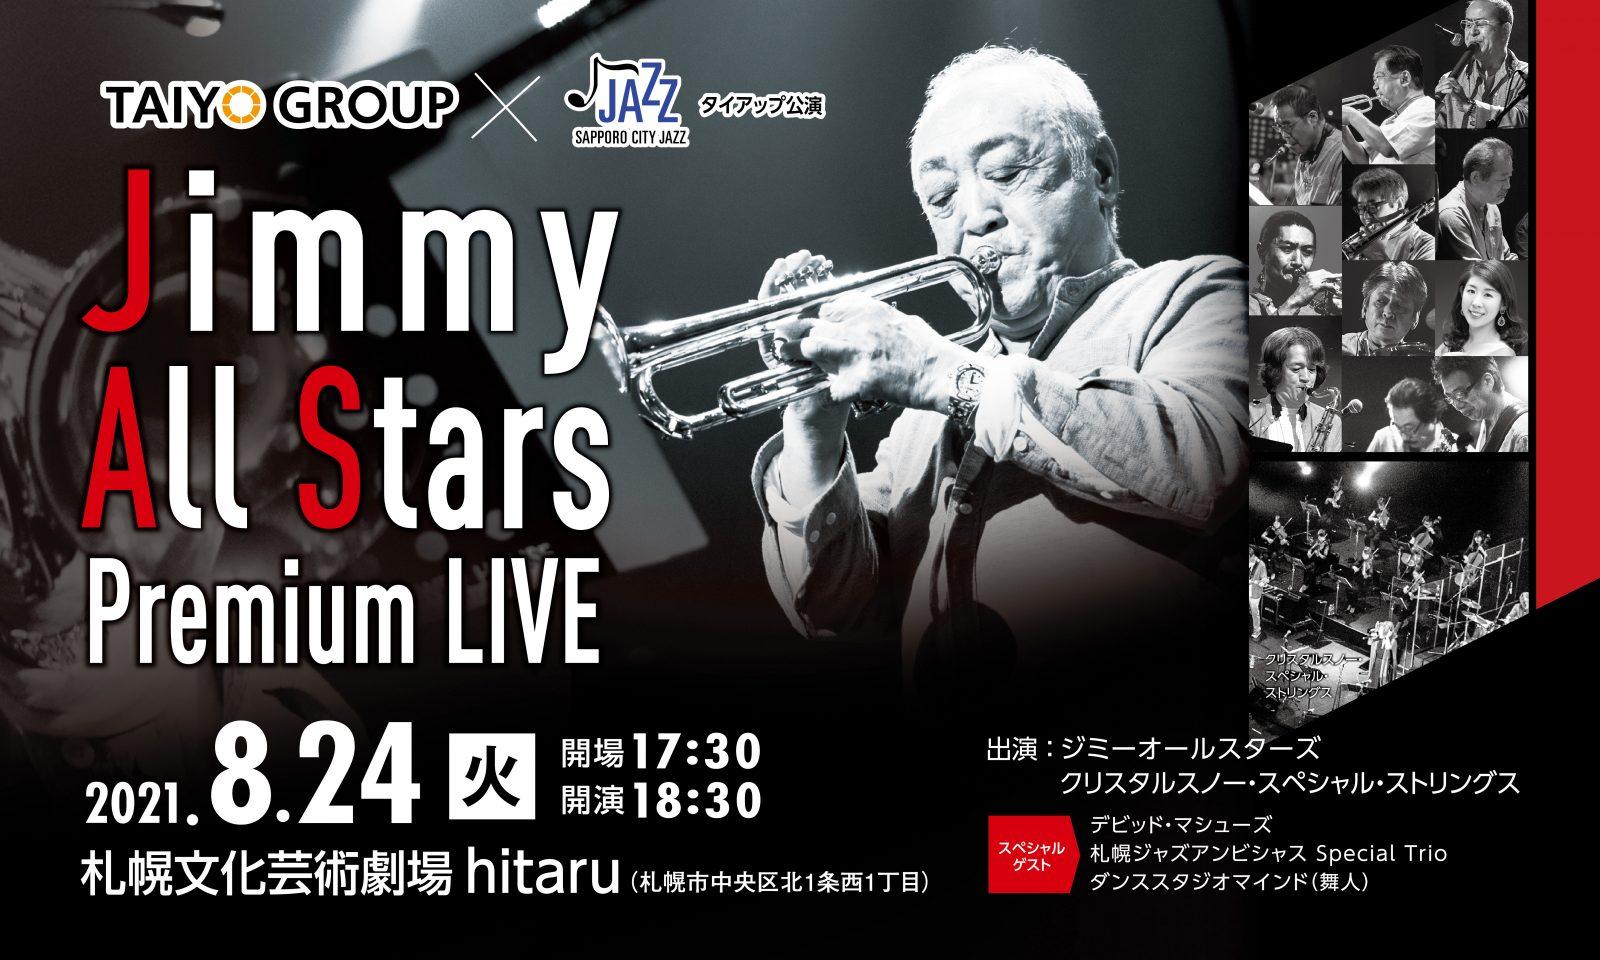 TAIYO GROUP×SAPPORO CITY JAZZ タイアップ公演 Jimmy All Stars Premium LIVE